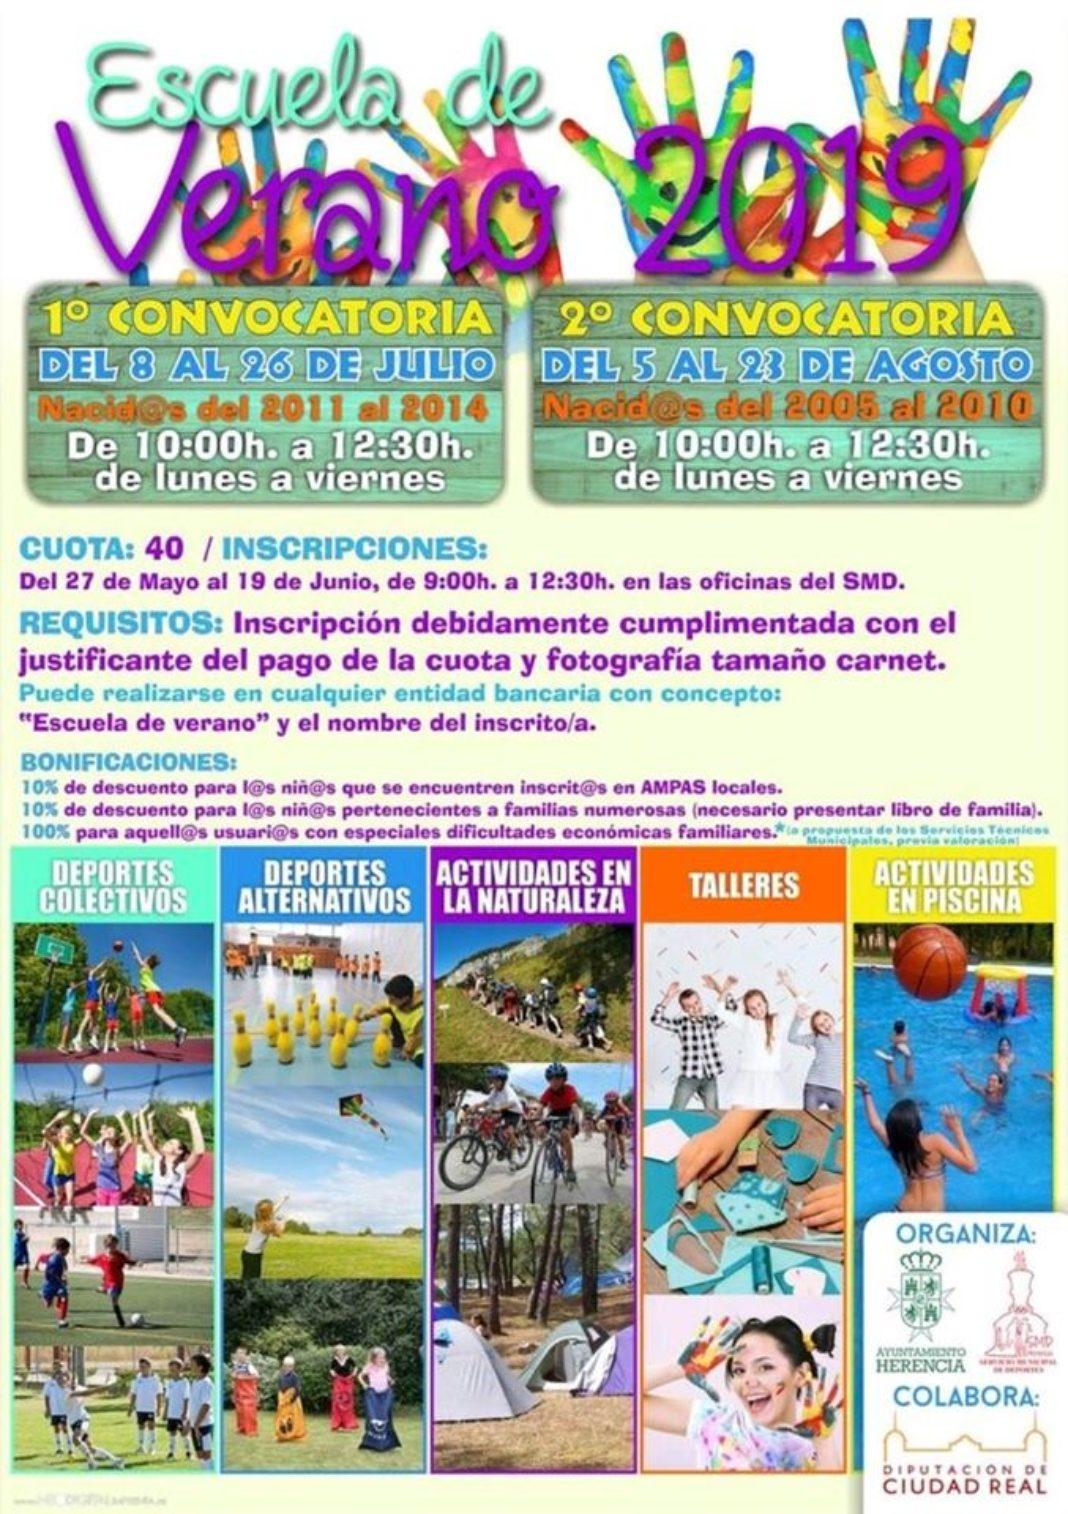 La Escuela de Verano abre inscripciones para facilitar la conciliación familiar durante las vacaciones 4